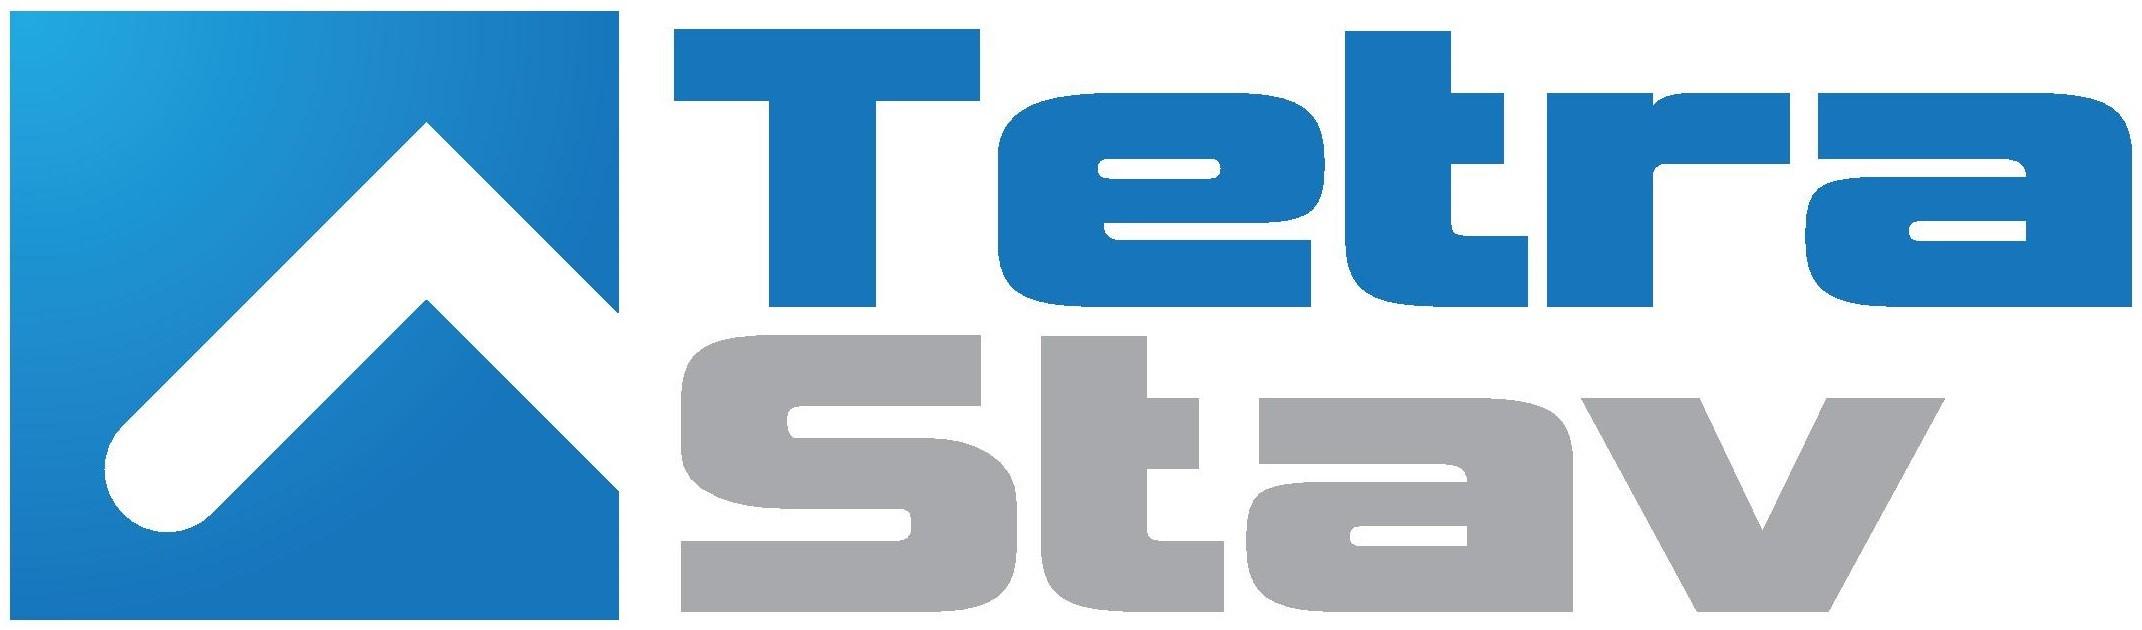 tetrastav-logo